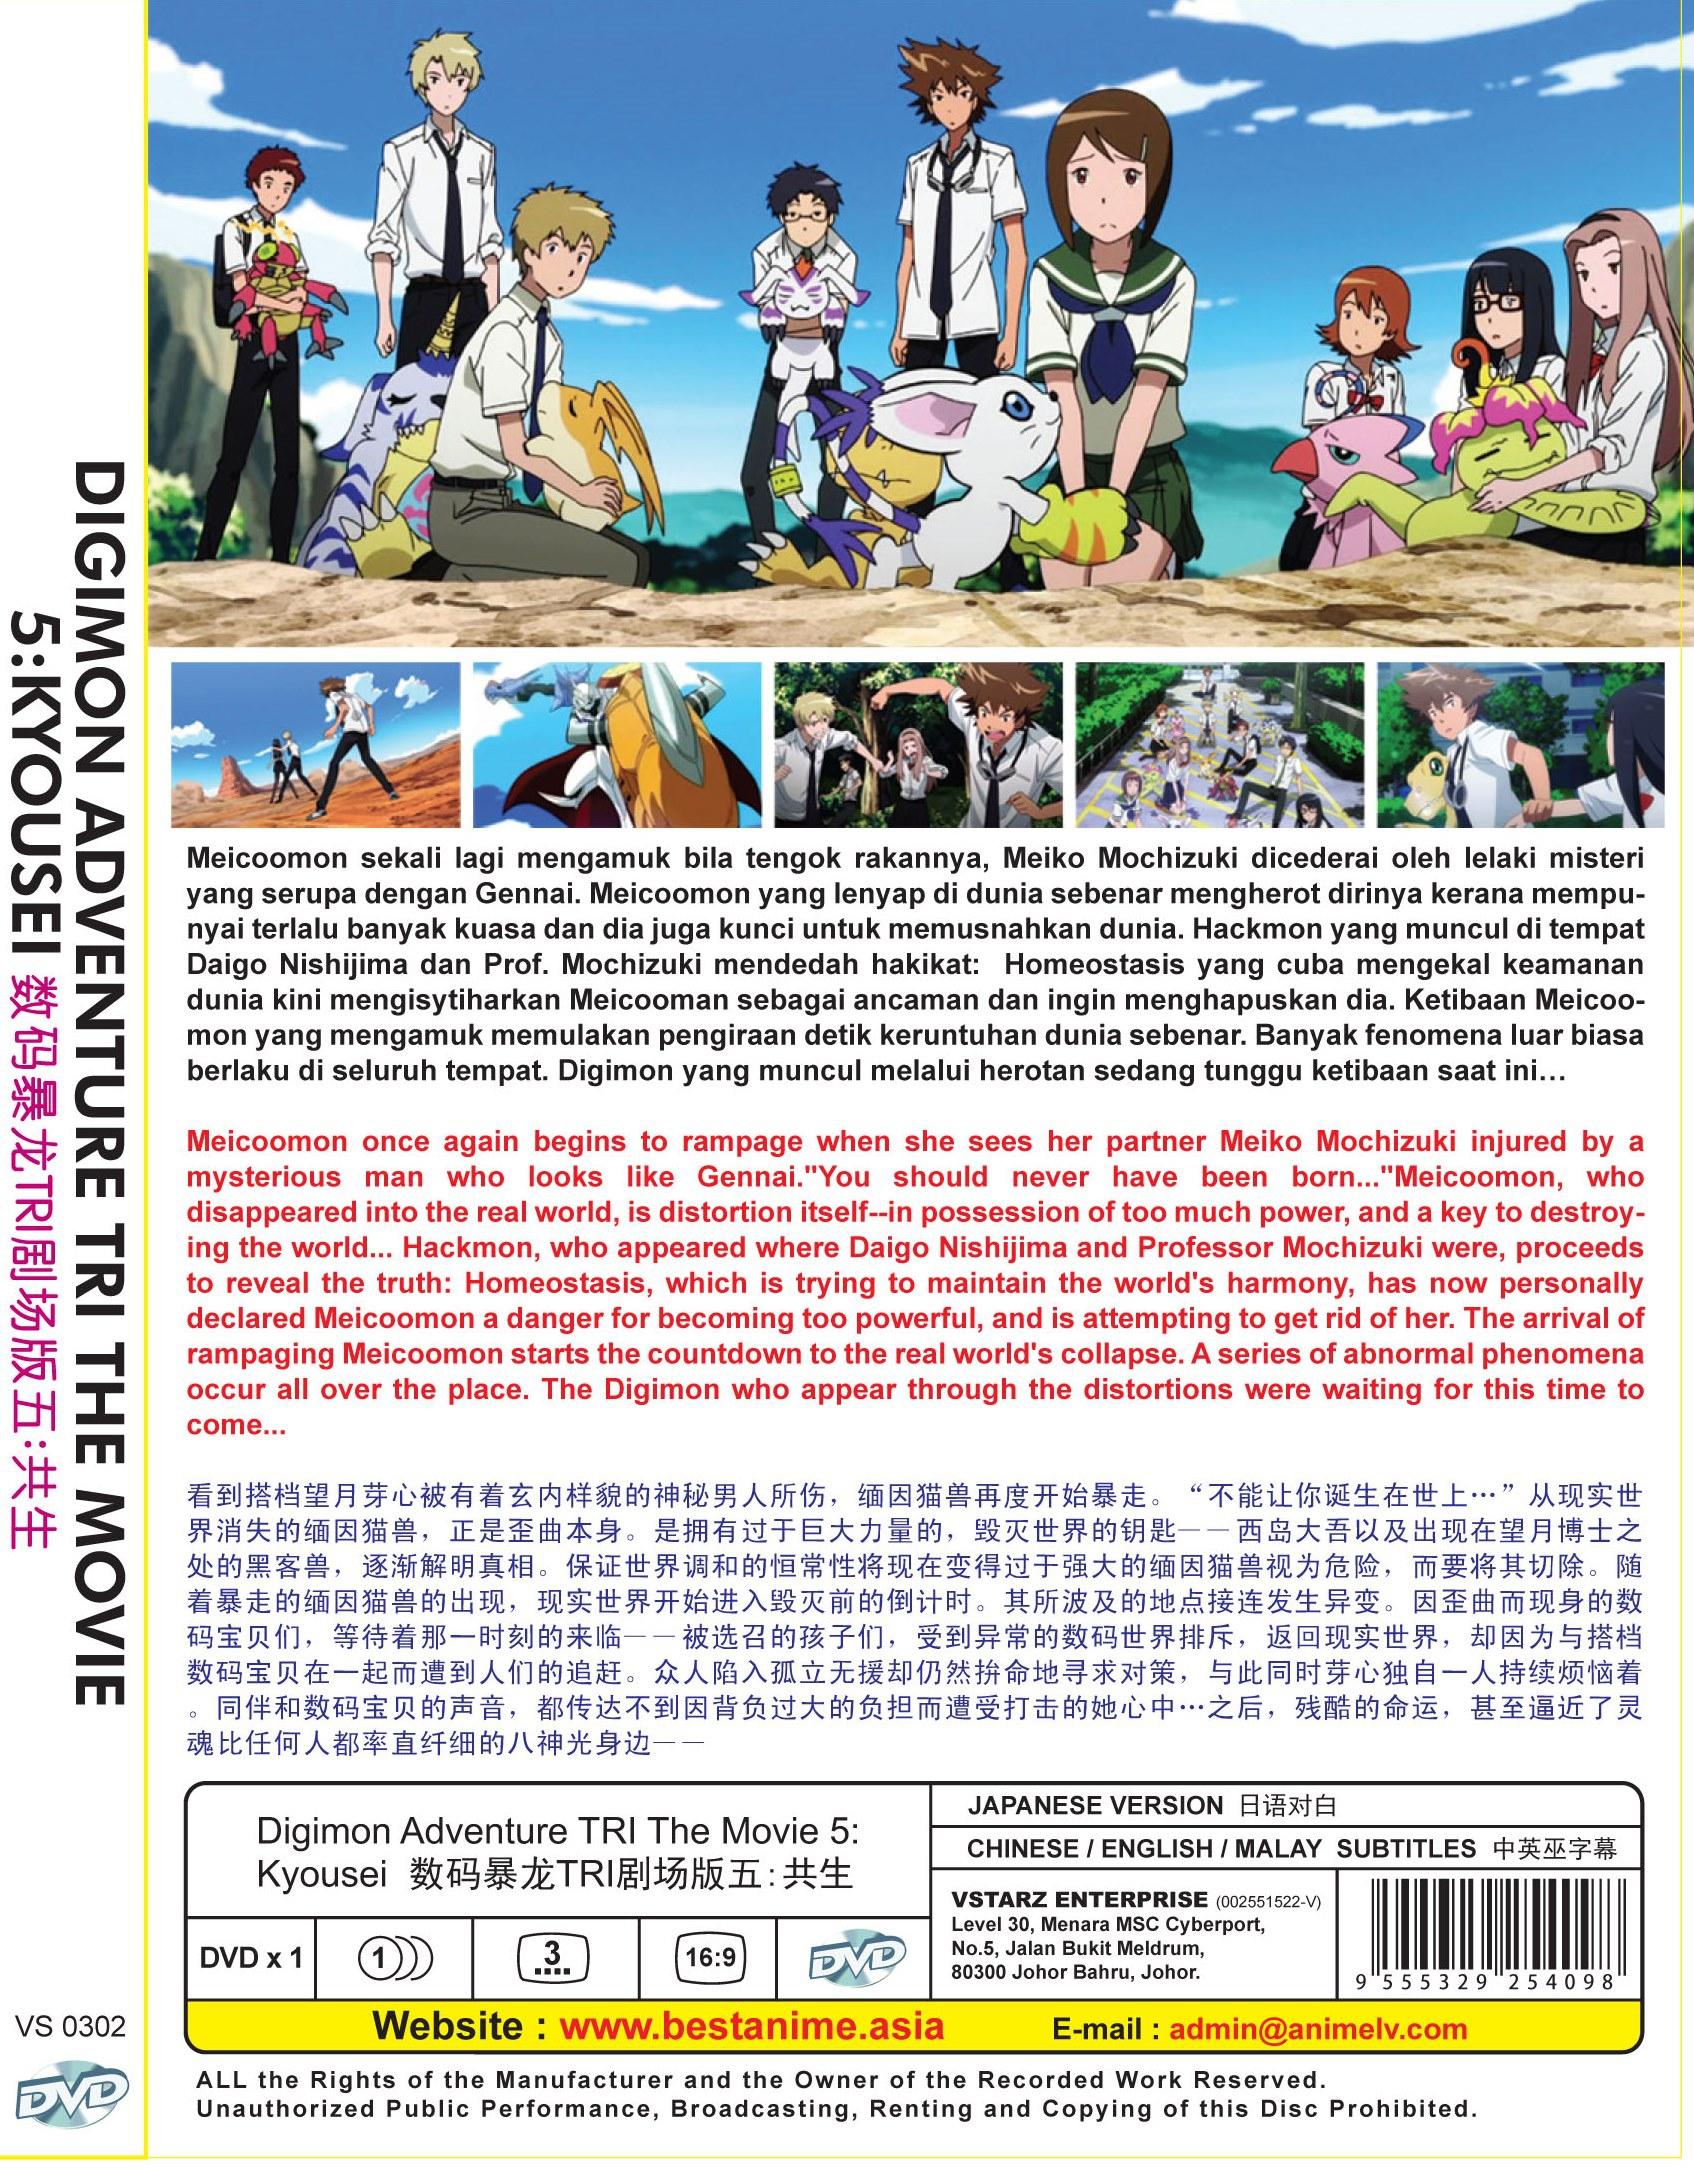 digimon adventure tri 5 english release date